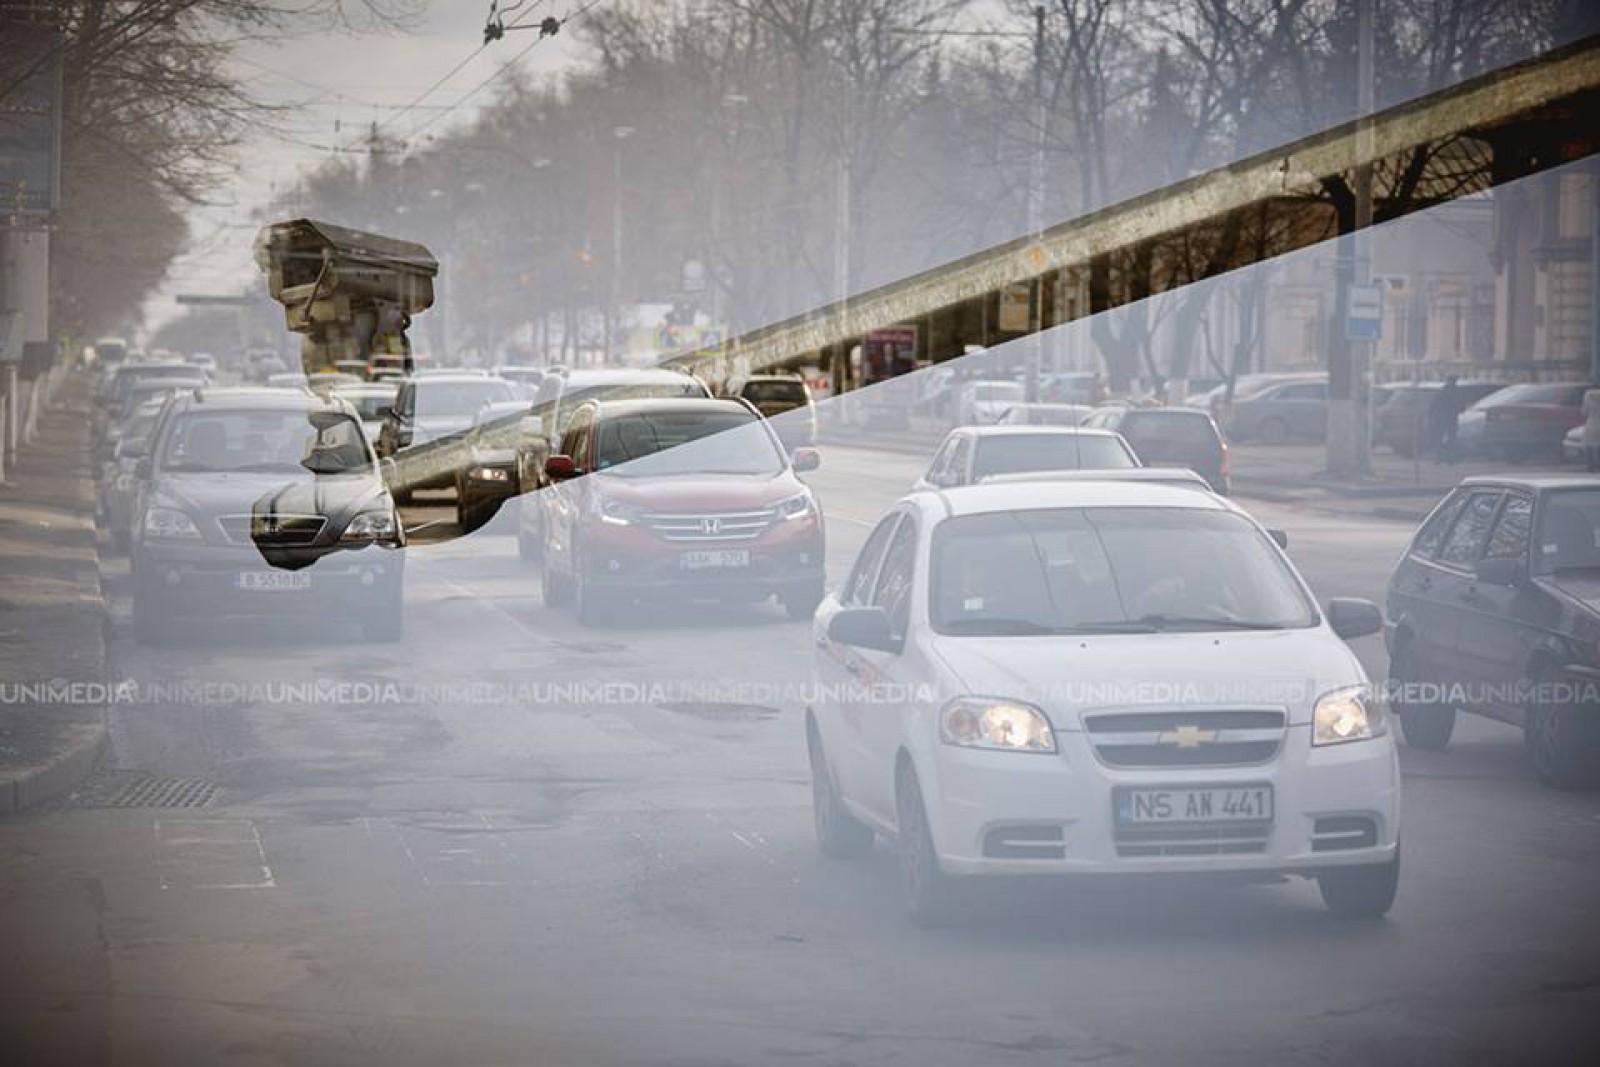 Cu ochii pe șoferi: De când vor începe să funcționeze camerele de supraveghere a circulației rutiere pe mai multe trasee naționale